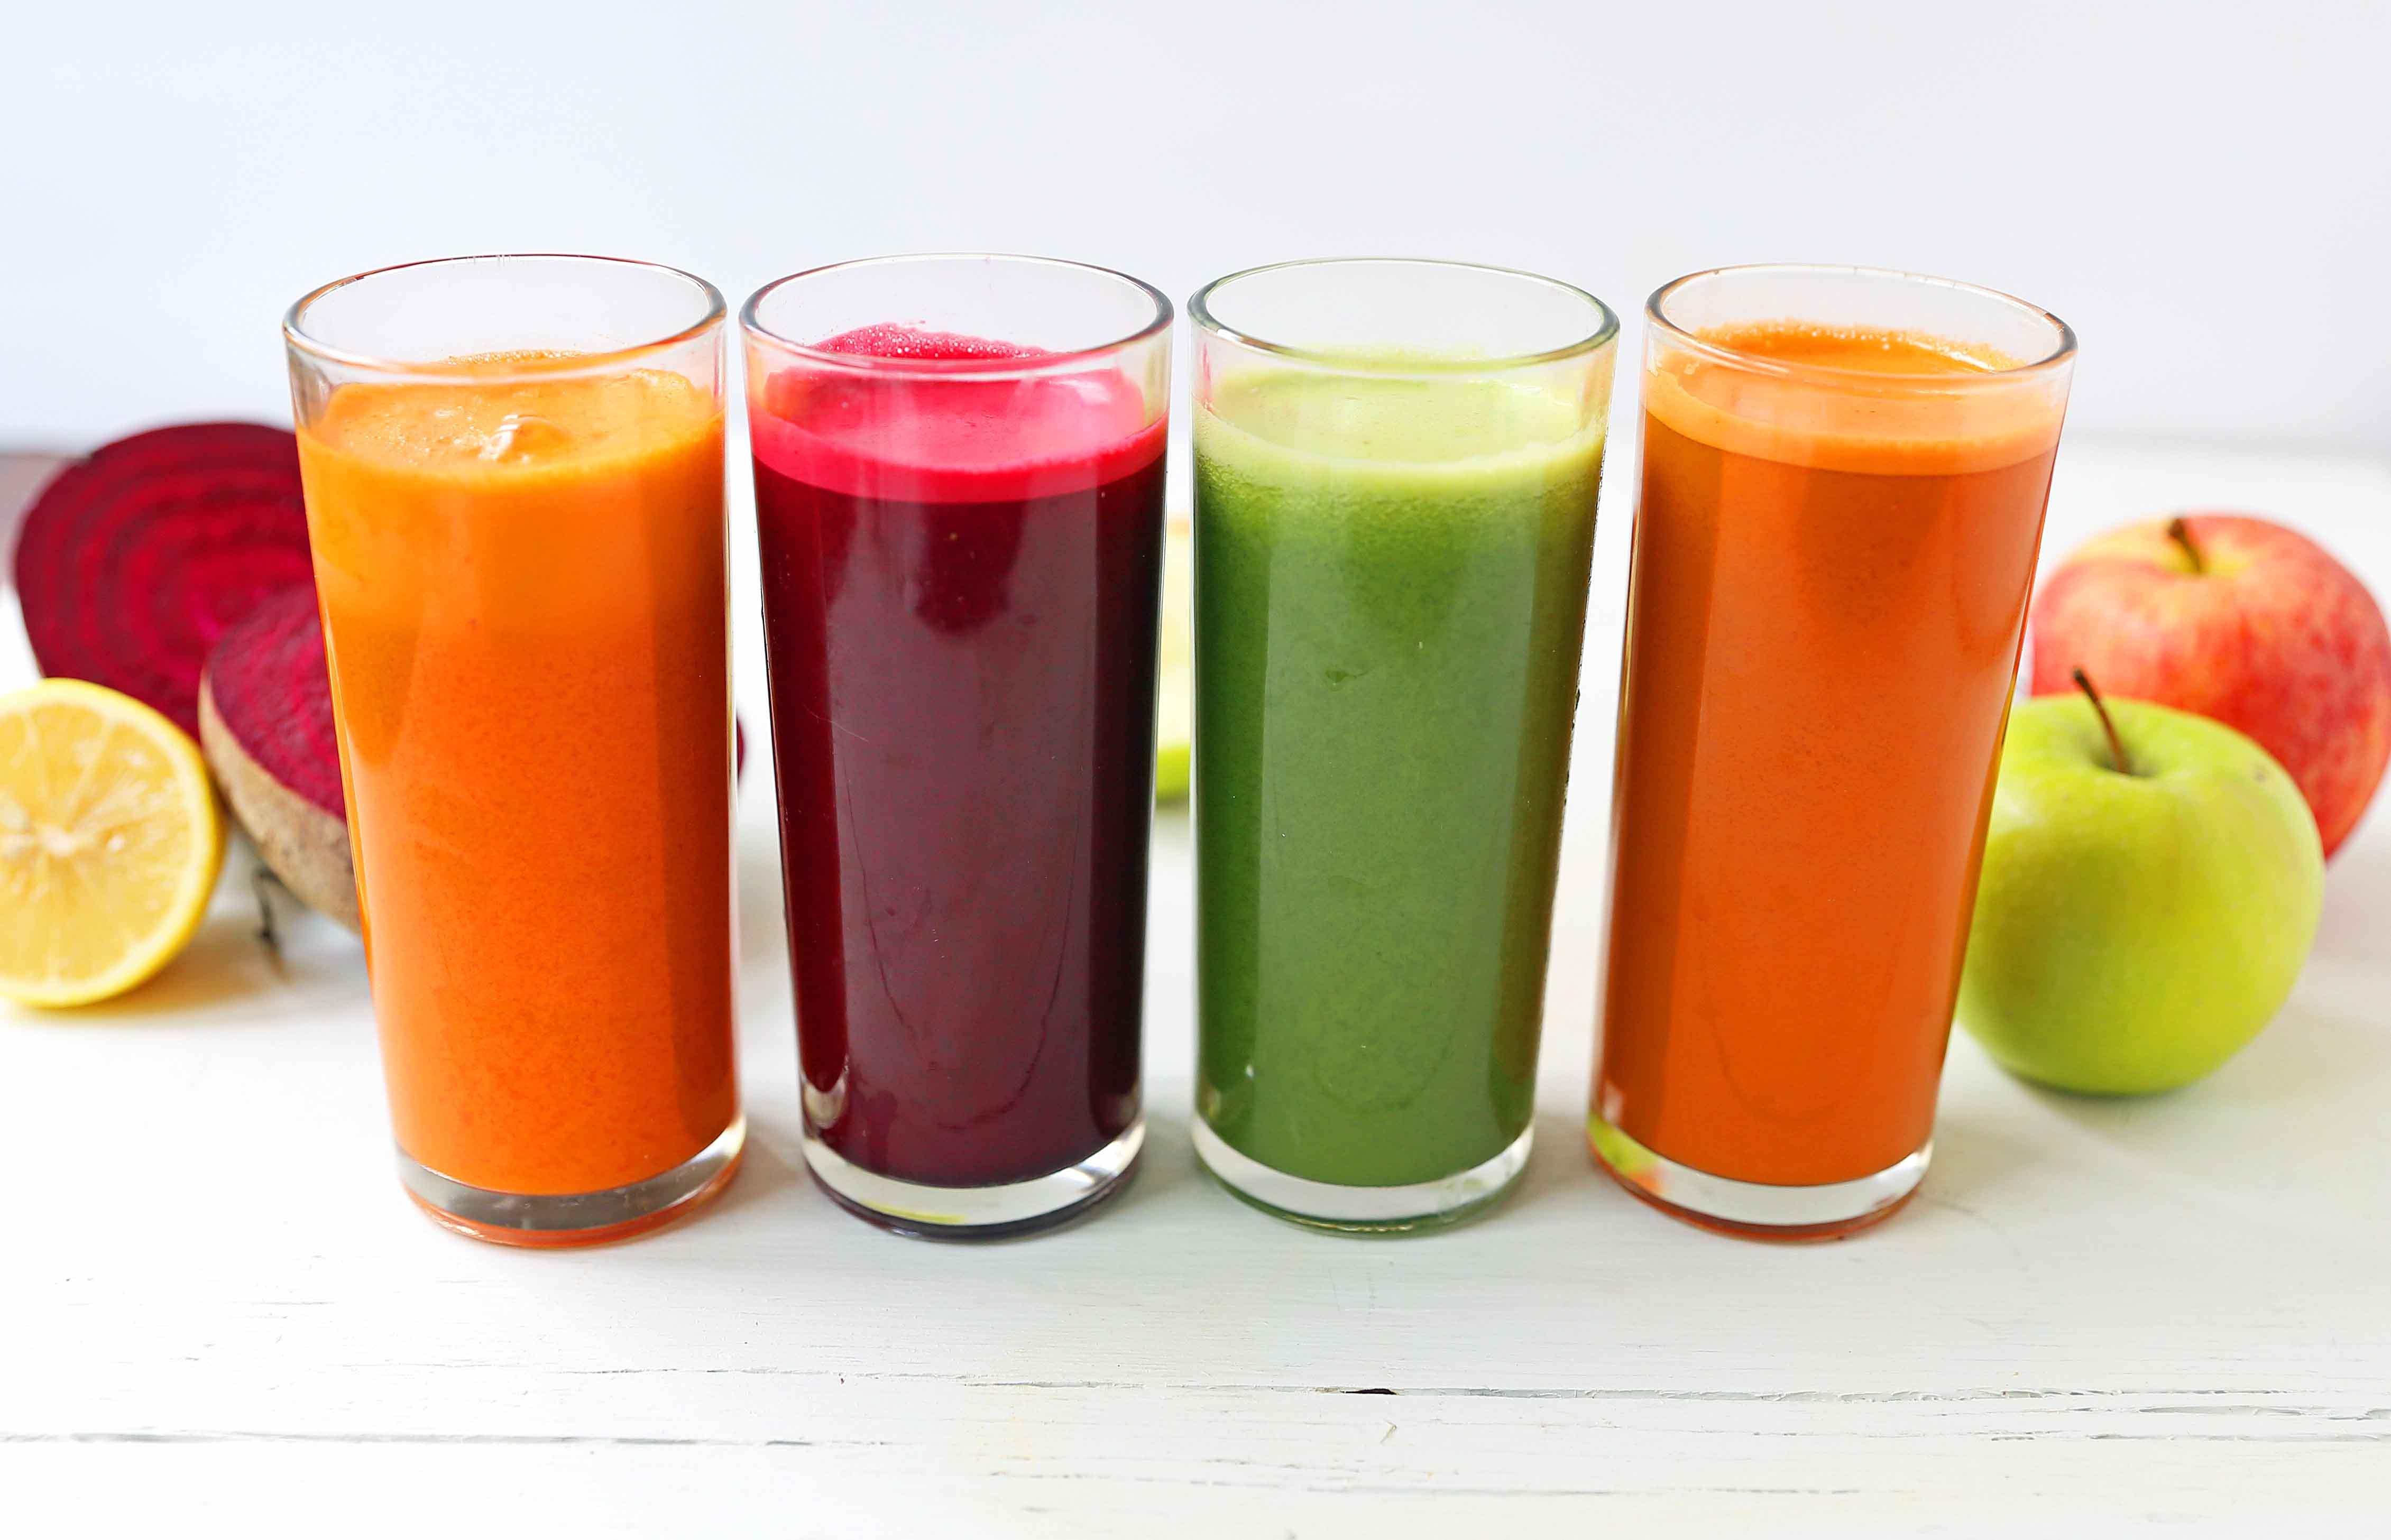 healthy-juice-cleanse-recipes-1.jpg